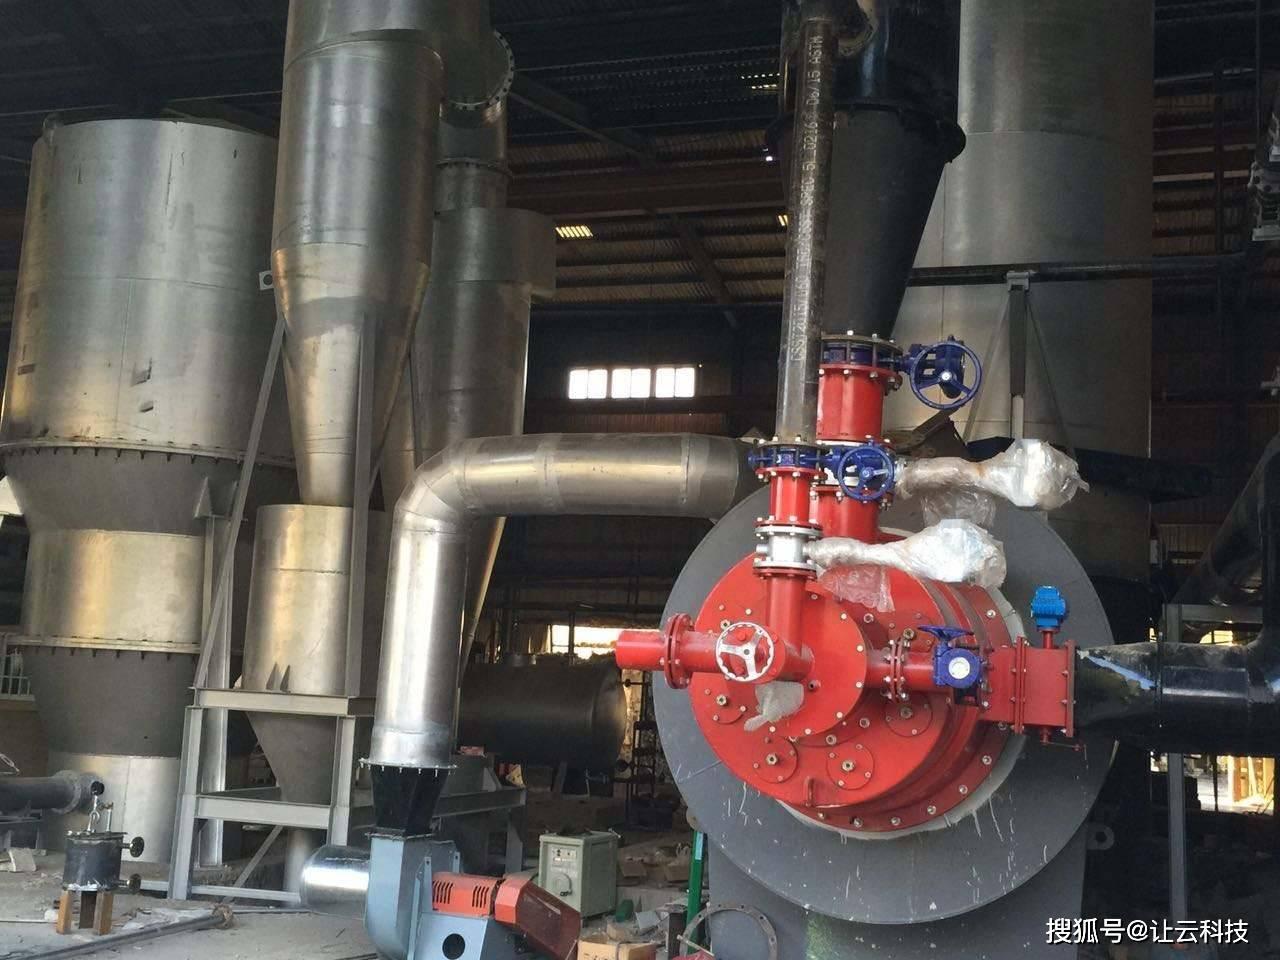 轴承作为机械产物中必不行少的重要部件起着支承转动轴的重要作用 三类高温轴承